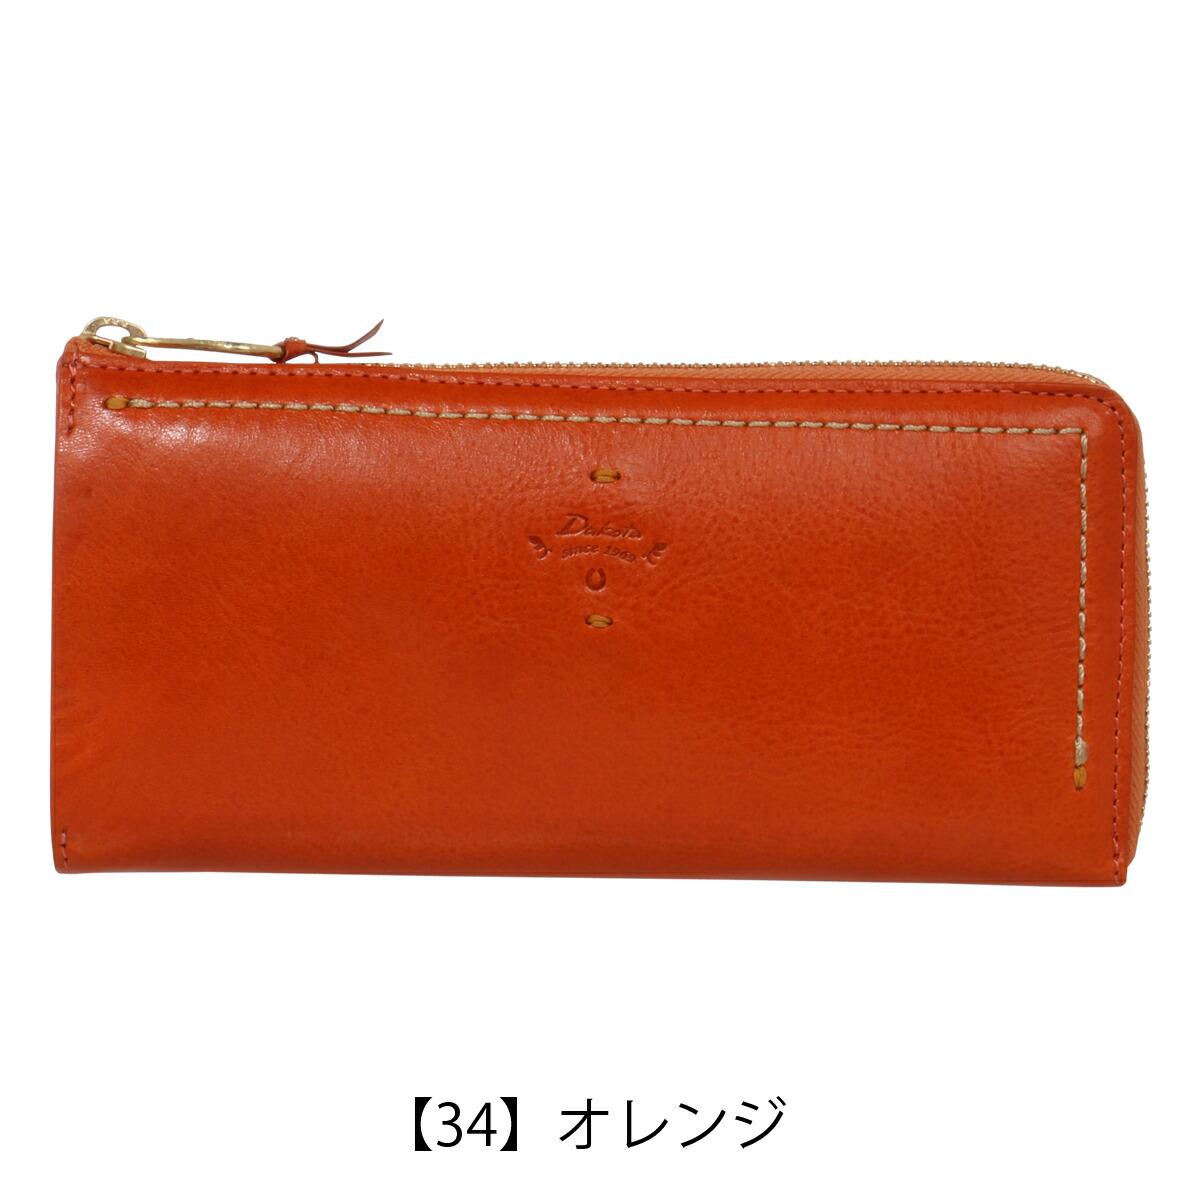 【34】オレンジ